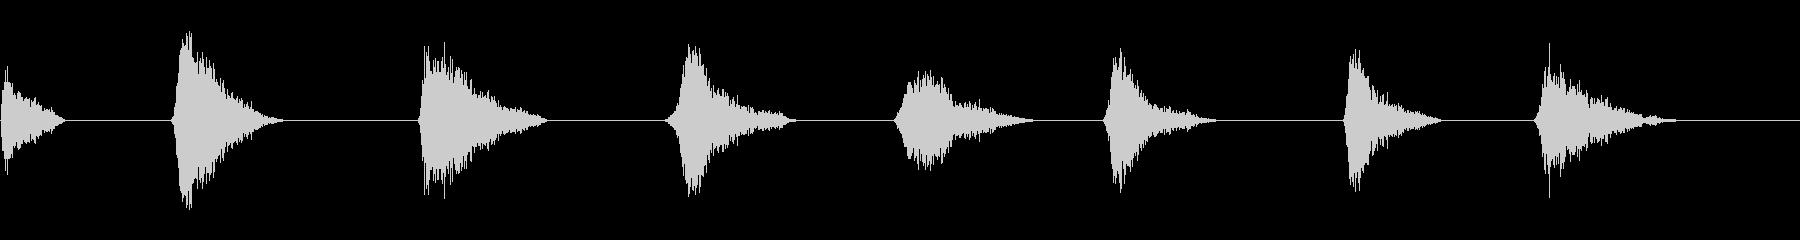 ランブルスライド:8つの異なるイン...の未再生の波形